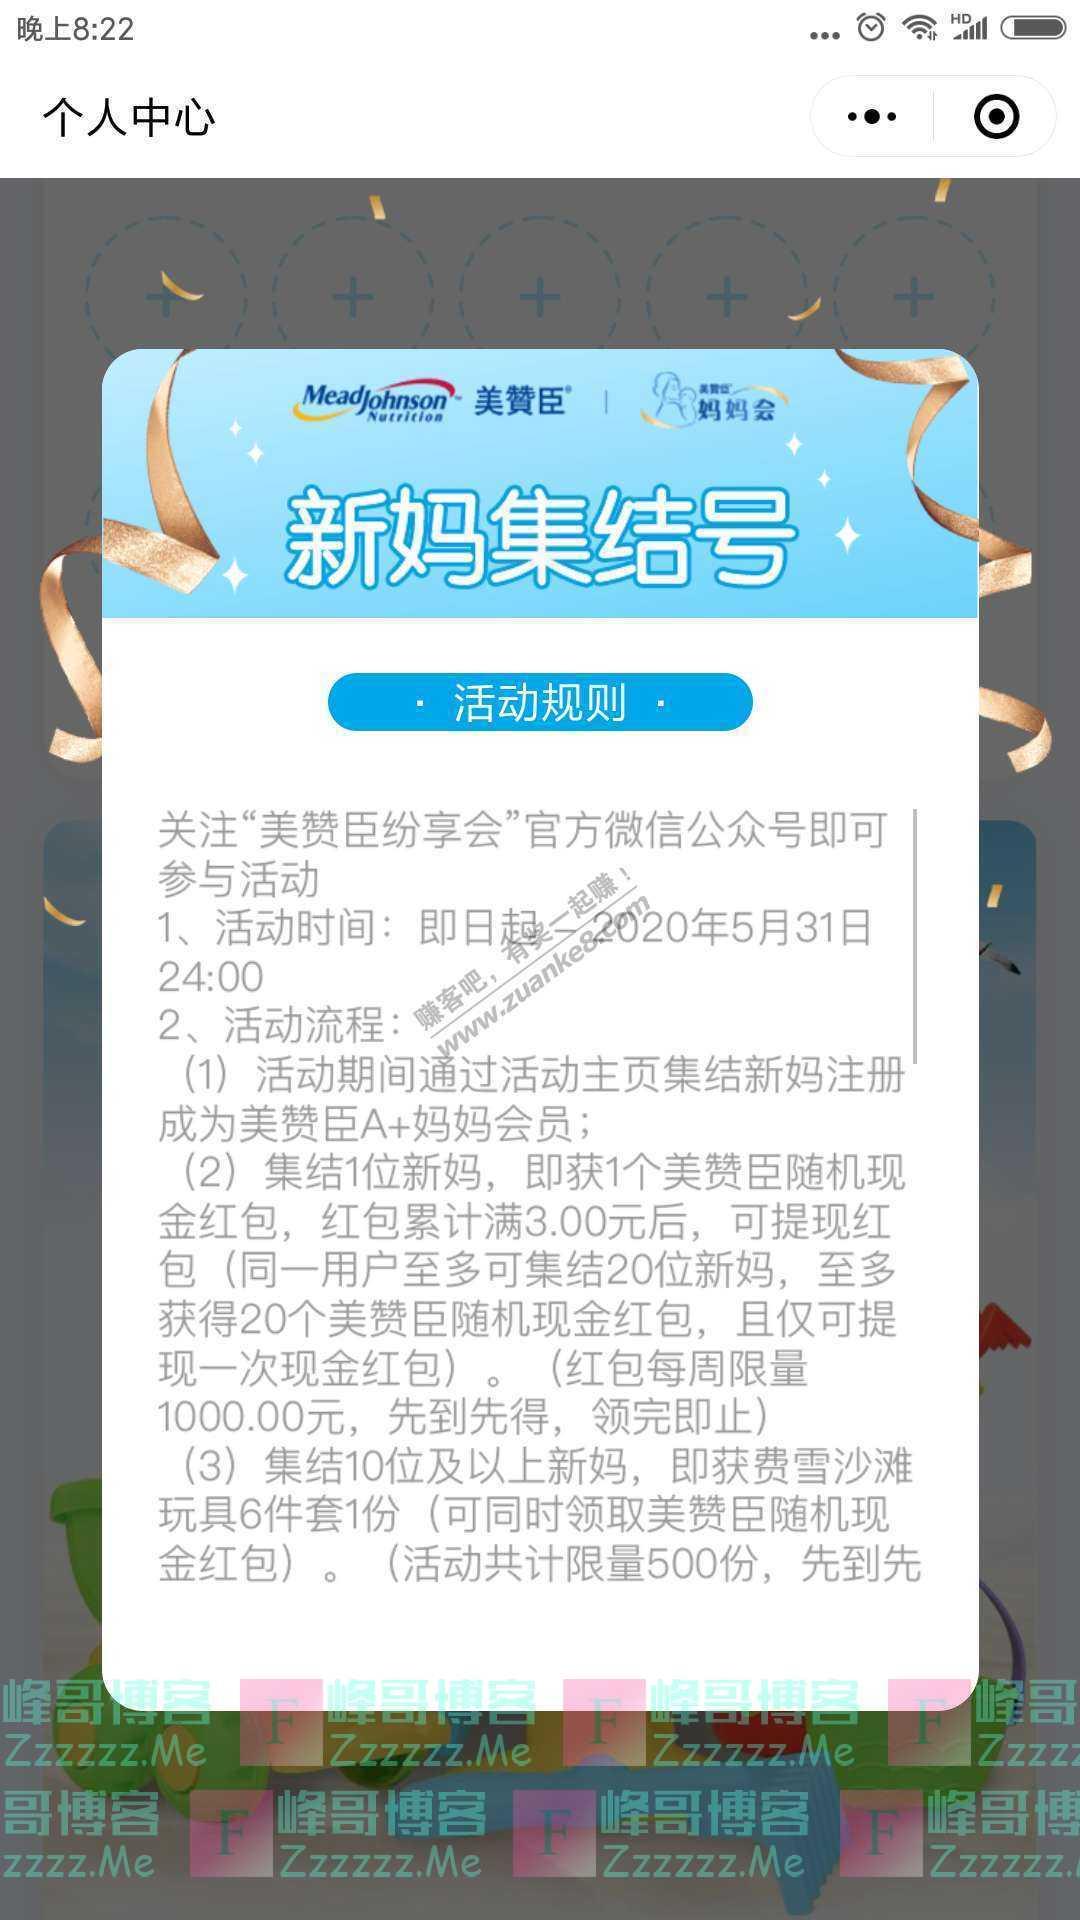 美赞臣纷享会推荐领好礼(截止5月31日)